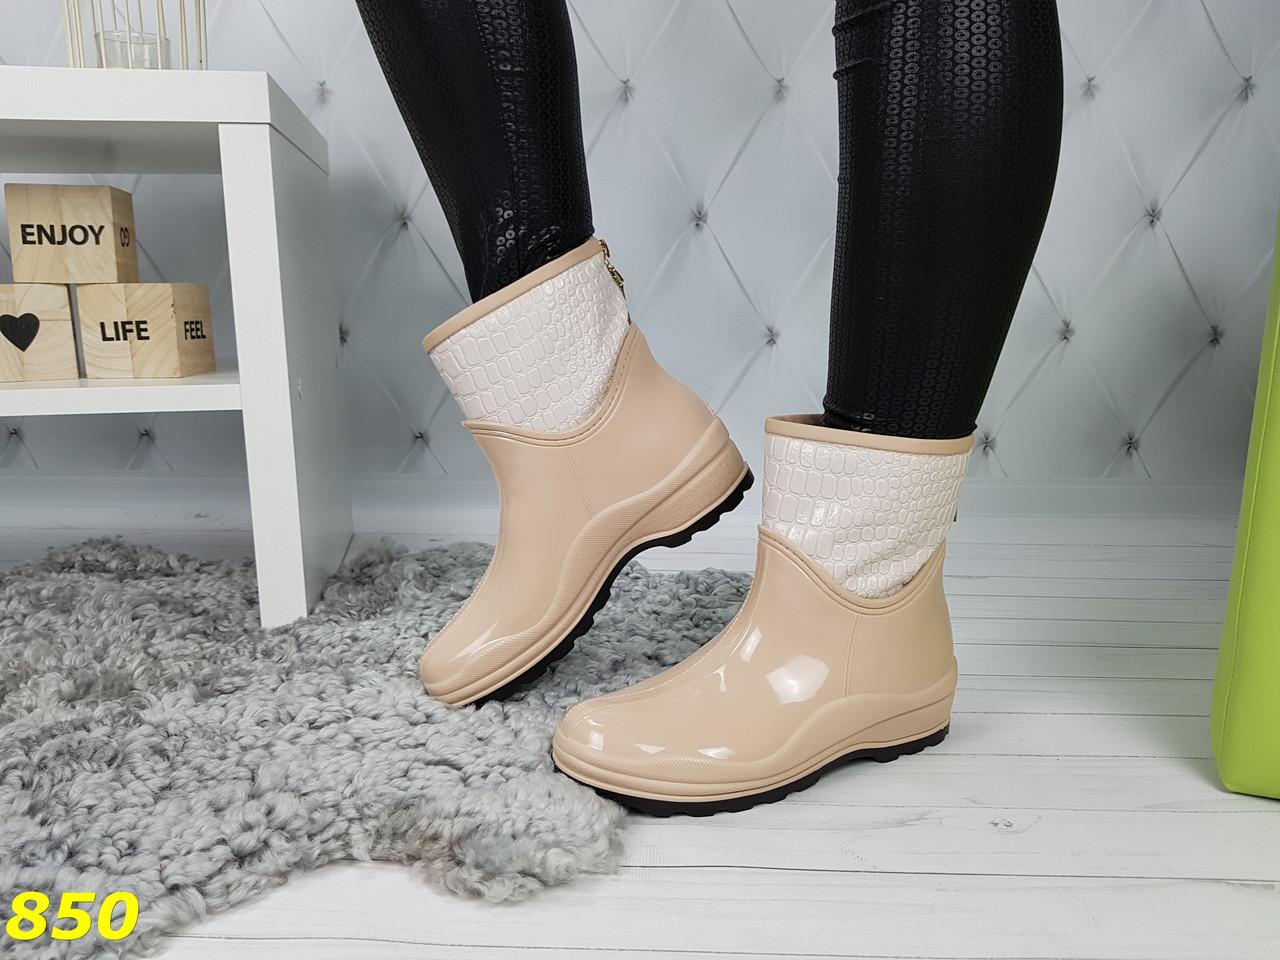 e2f23a5ac ... Полусапожки ботинки резиновые утепленные непромокаемые бежевые, ...